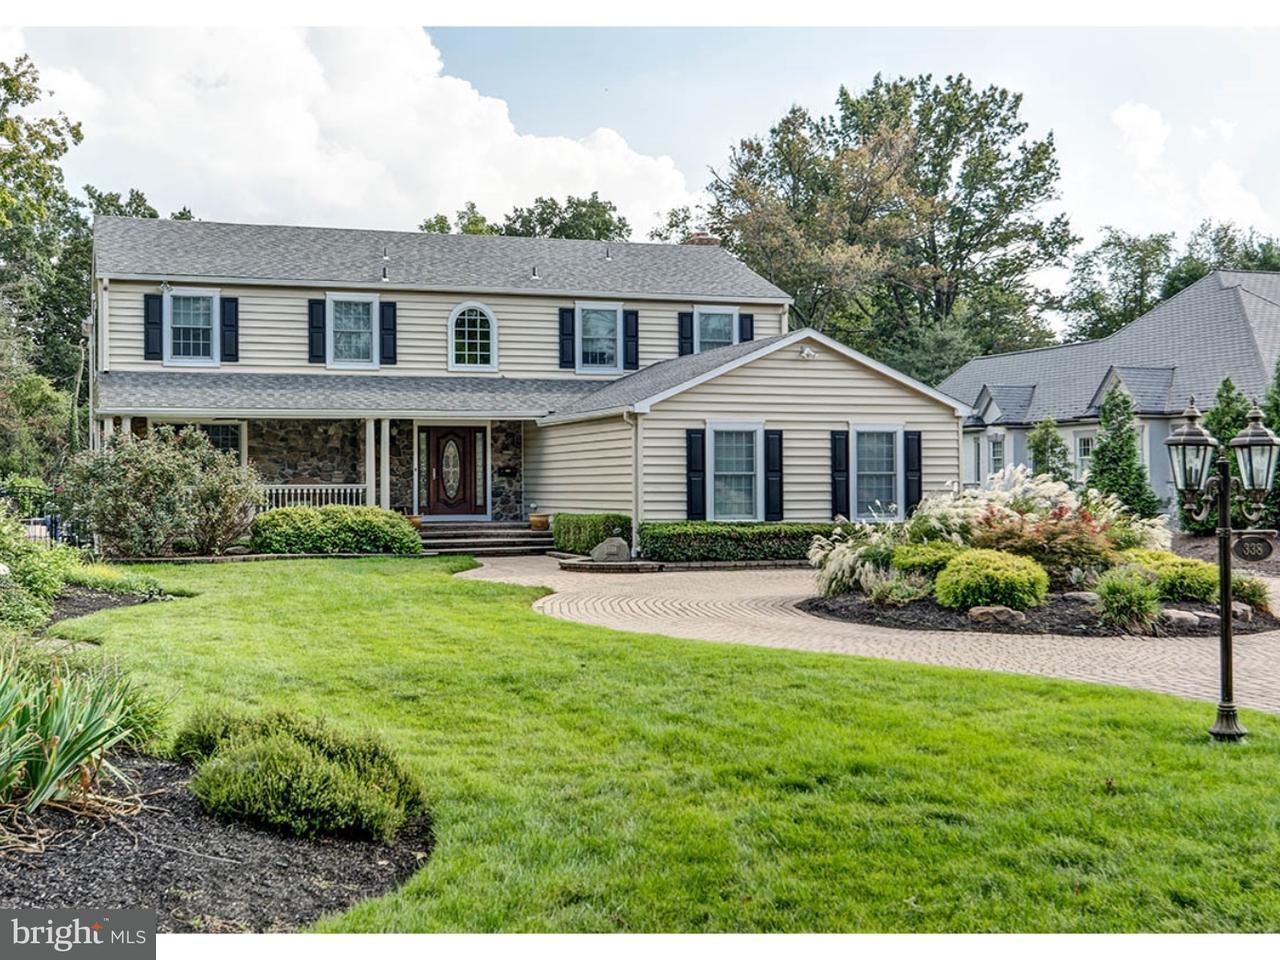 Частный односемейный дом для того Продажа на 338 KINGS HWY W Haddonfield, Нью-Джерси 08033 Соединенные Штаты